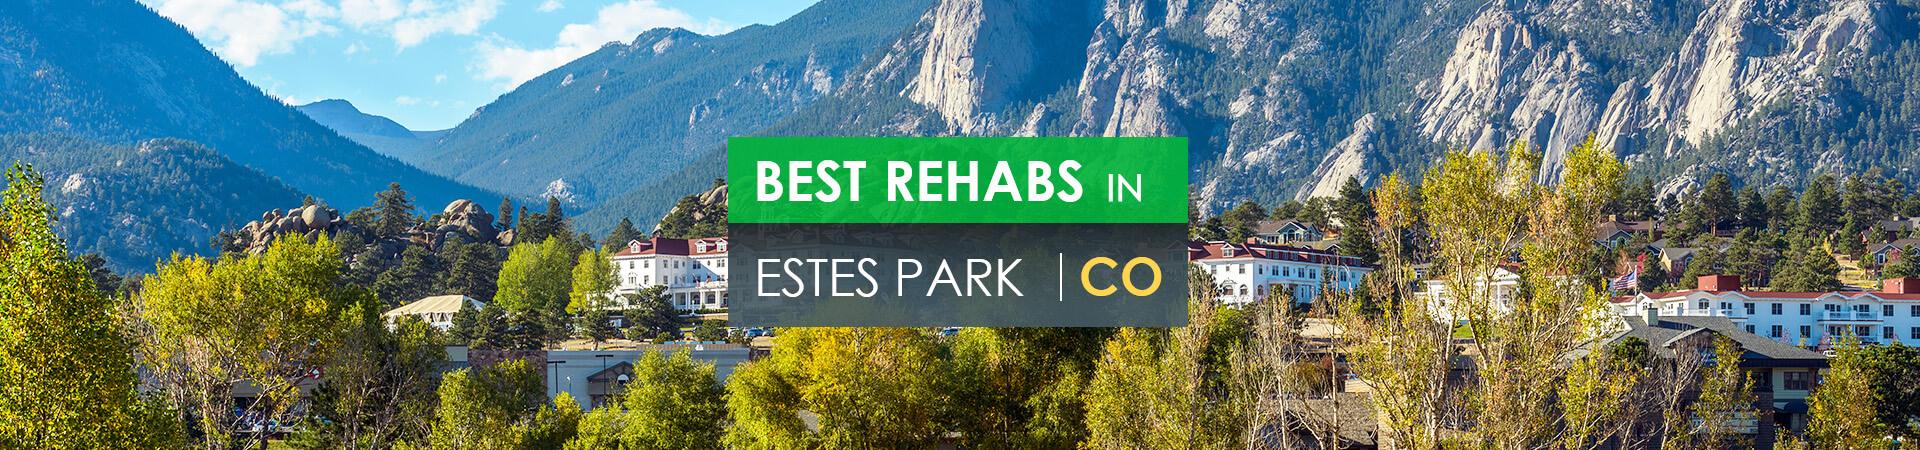 Best rehabs in Estes Park, CO